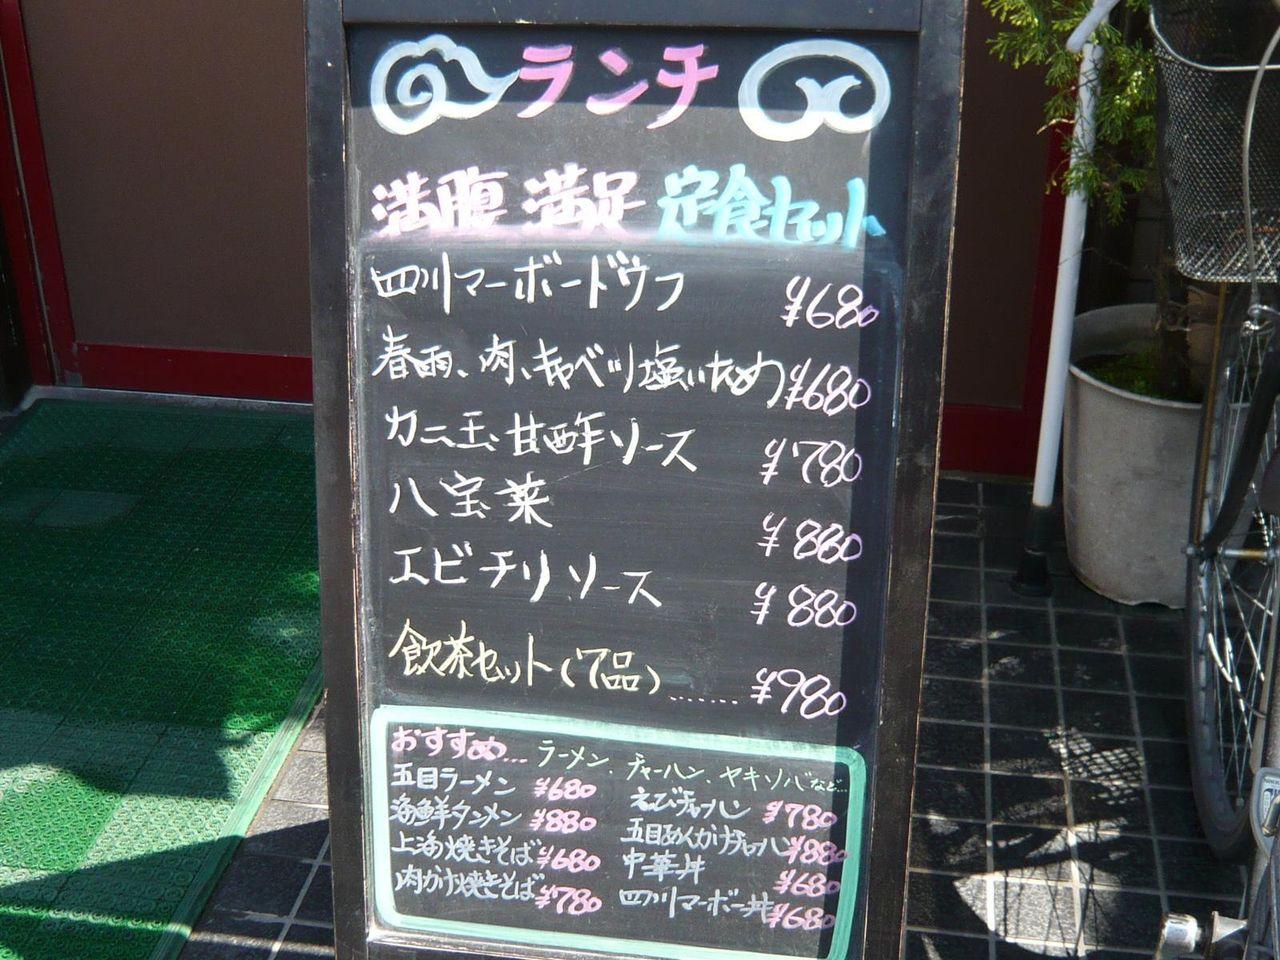 武蔵小山「悟空」のランチメニュー(23年4月現在)